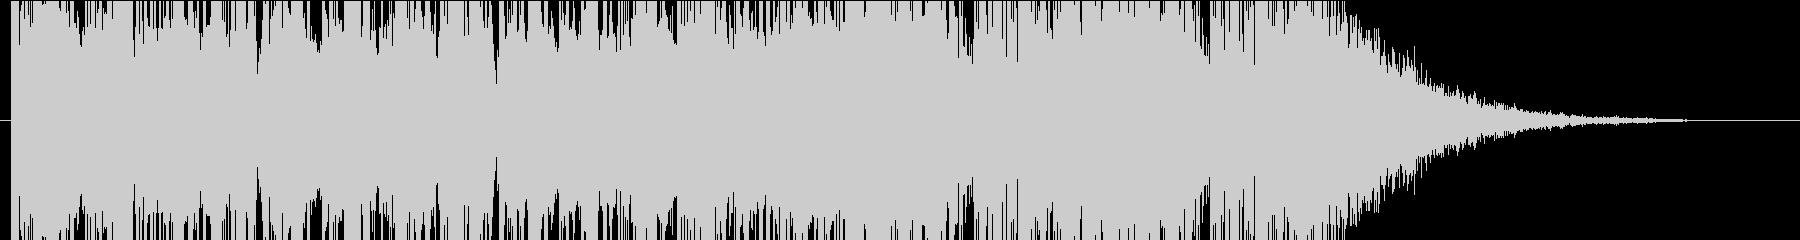 ダブステップのジングルの未再生の波形